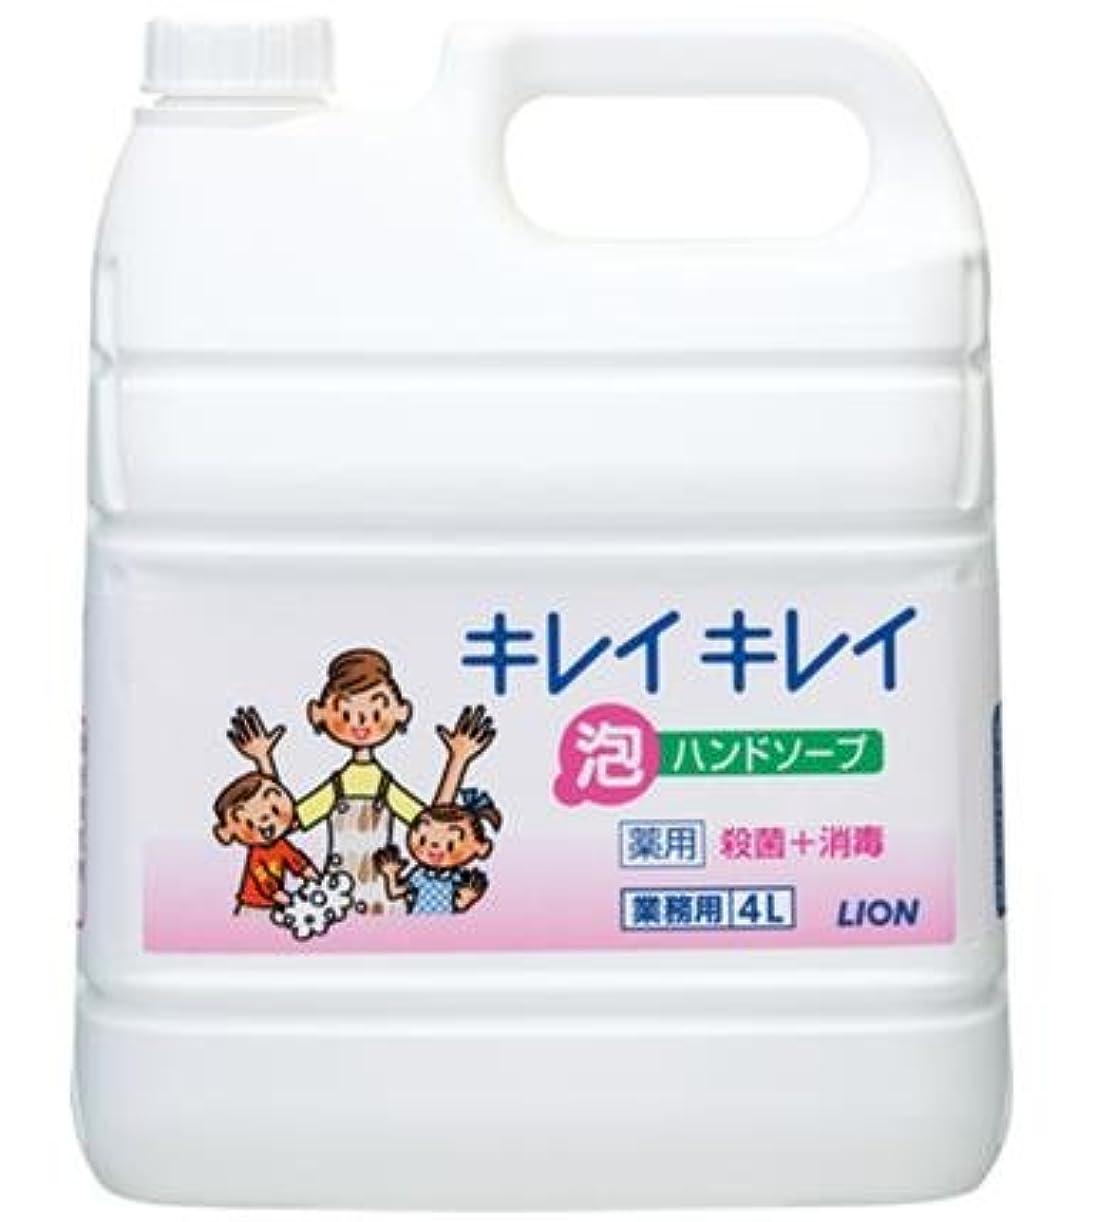 スワップ農場田舎者キレイキレイ薬用泡ハンドソープ 4Lボトル+専用泡容器250mLセット